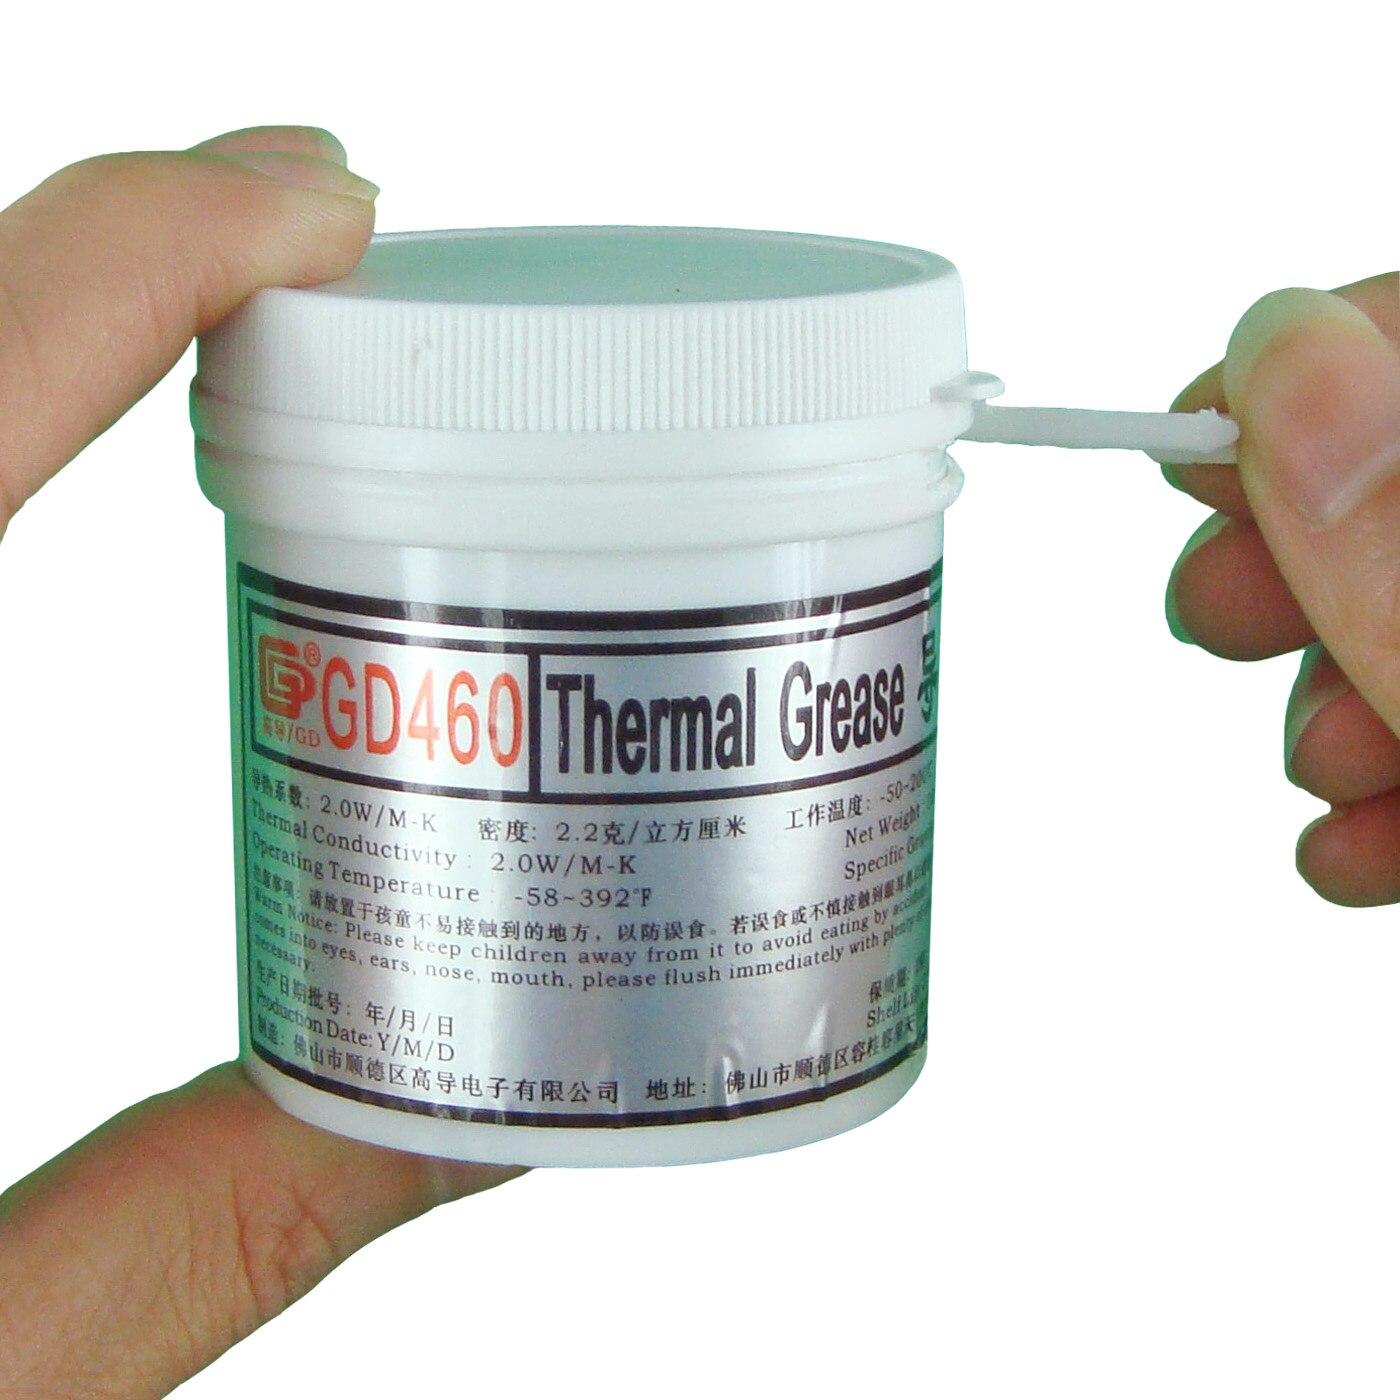 GD460 жылу өткізгіштік паста майлылығы - Компьютерлік компоненттер - фото 3